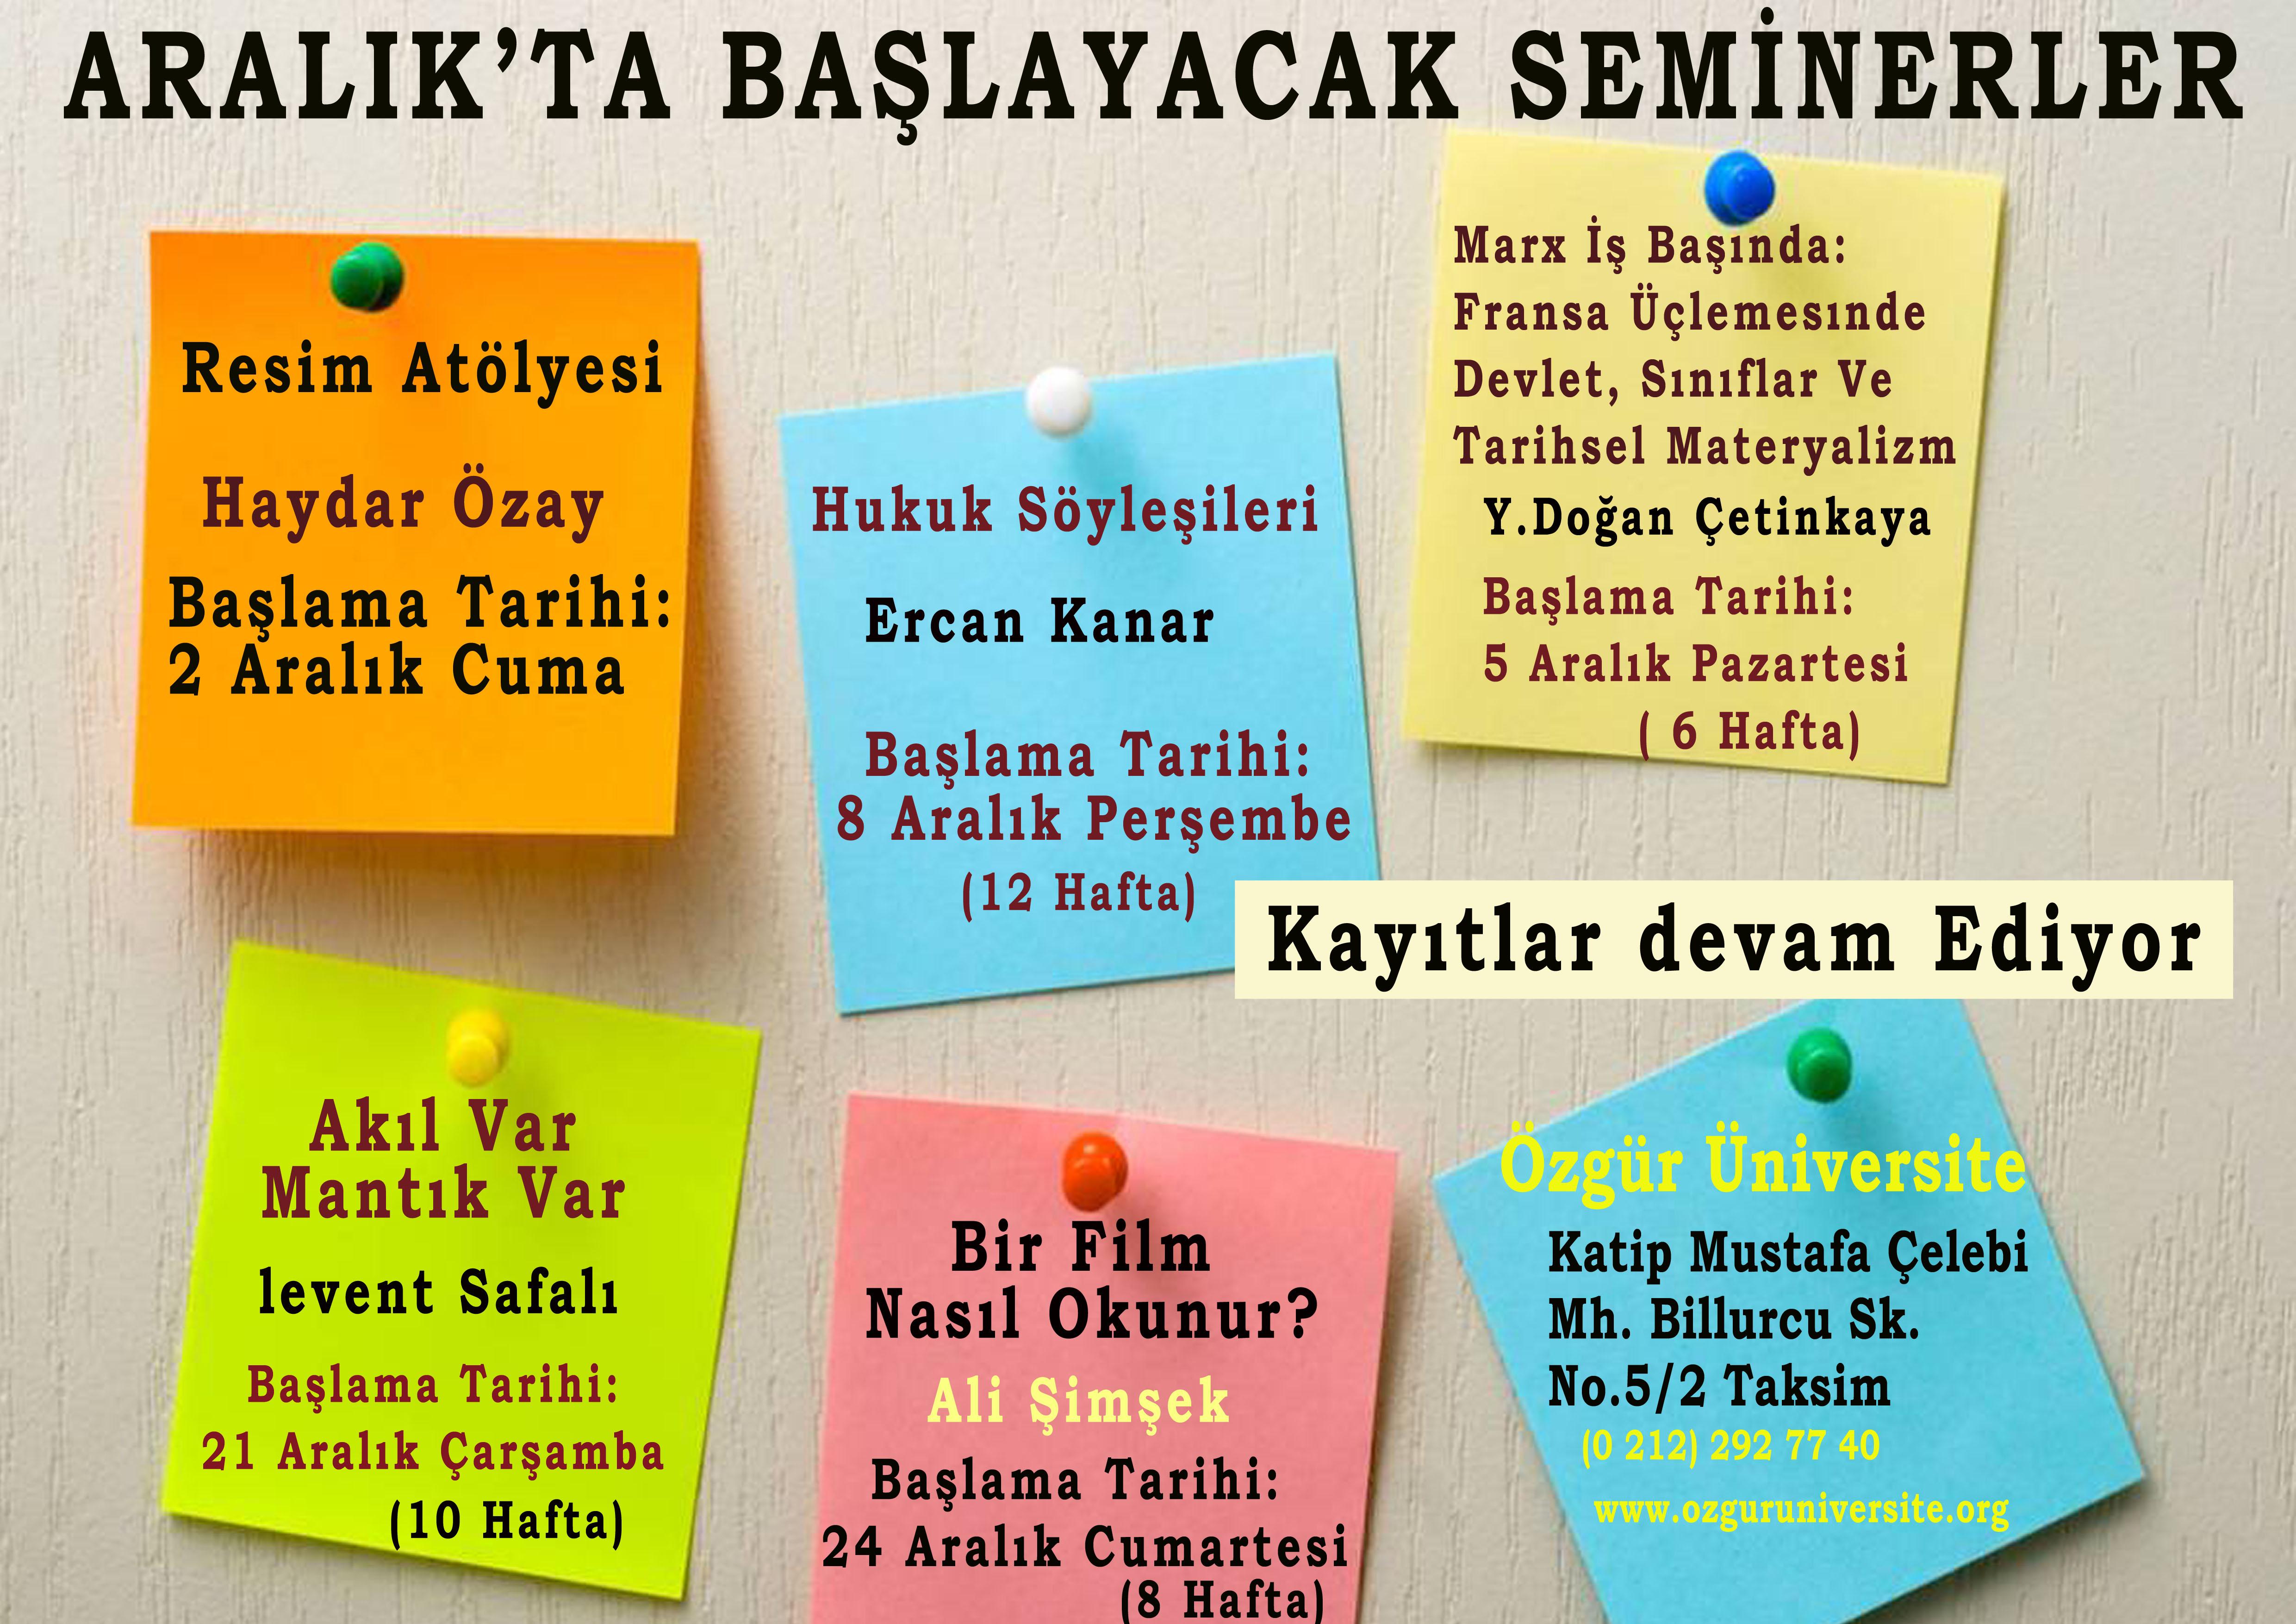 aralik_seminerleri